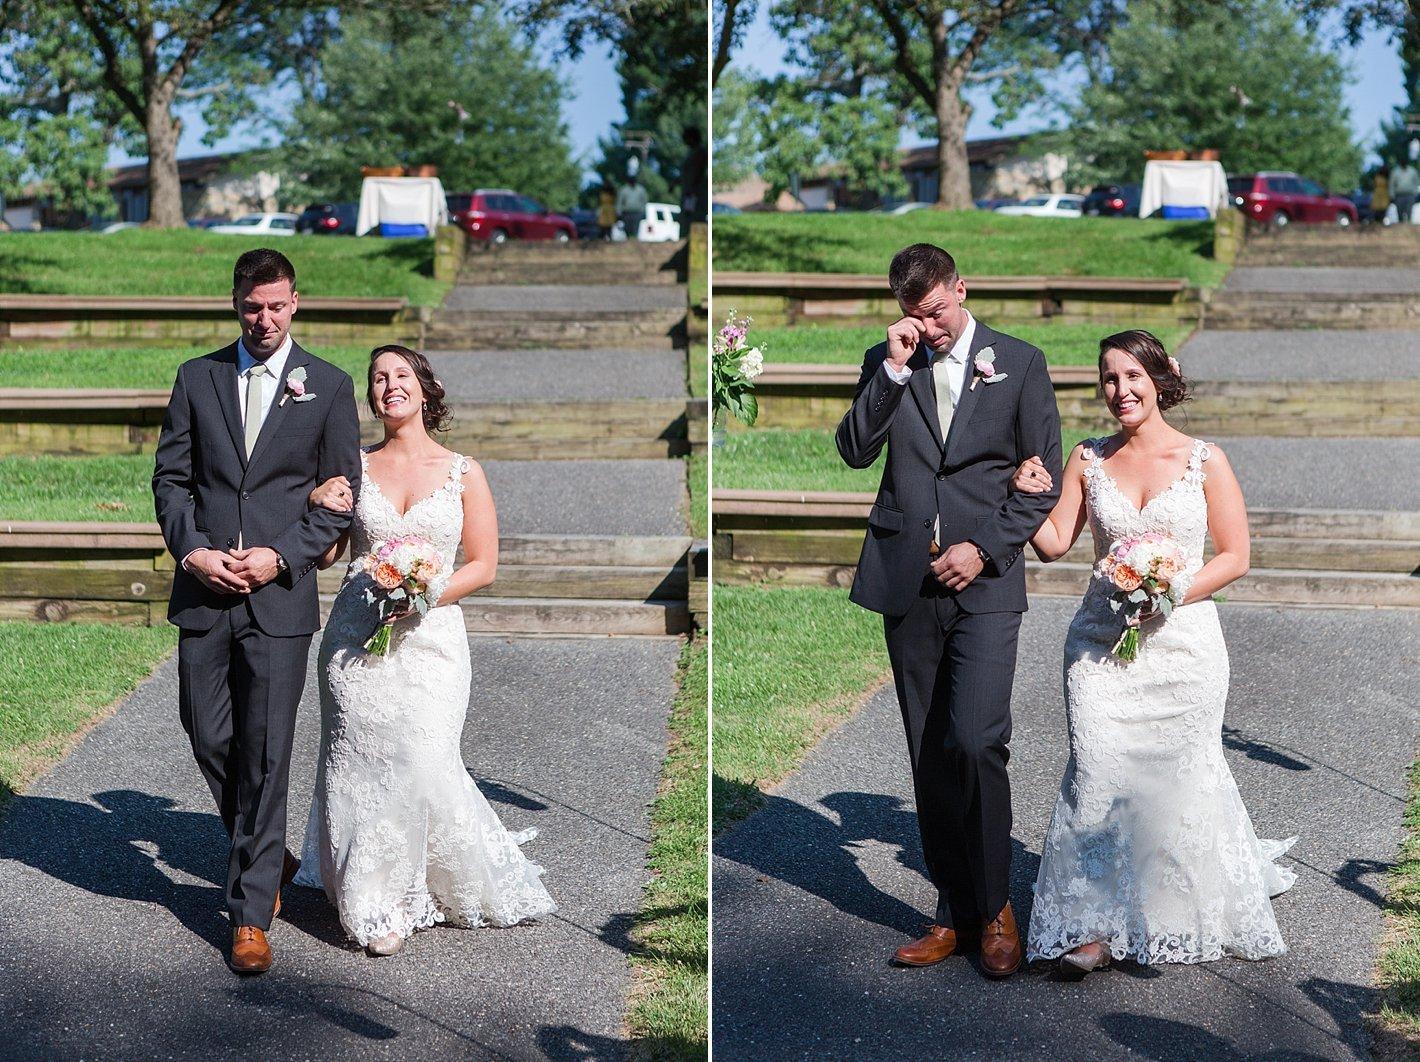 historichebronhousewedding_baltimoreweddingphotographer_howardcountyweddingphotographer-105